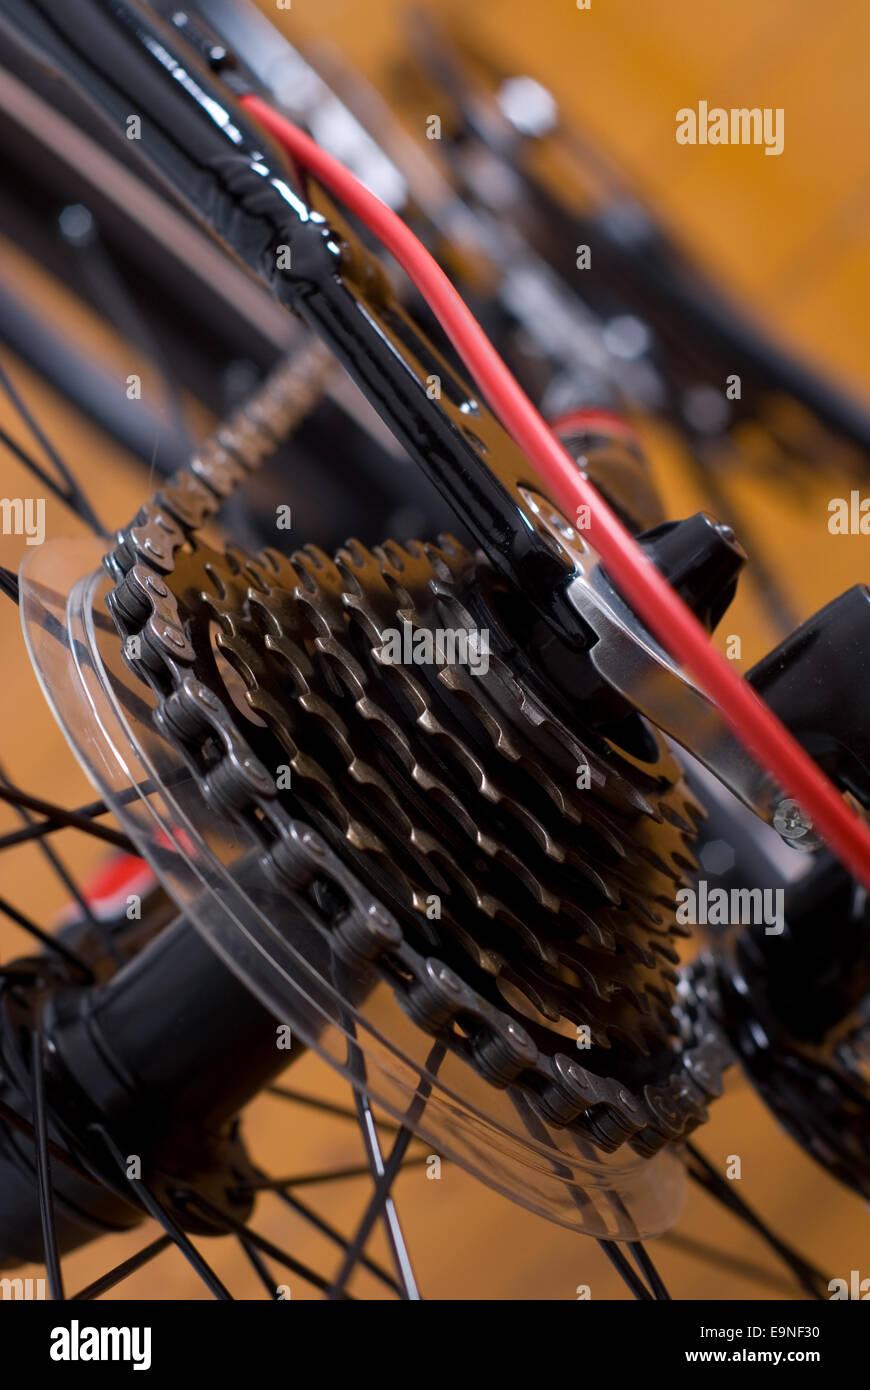 mountain bike cassette - Stock Image